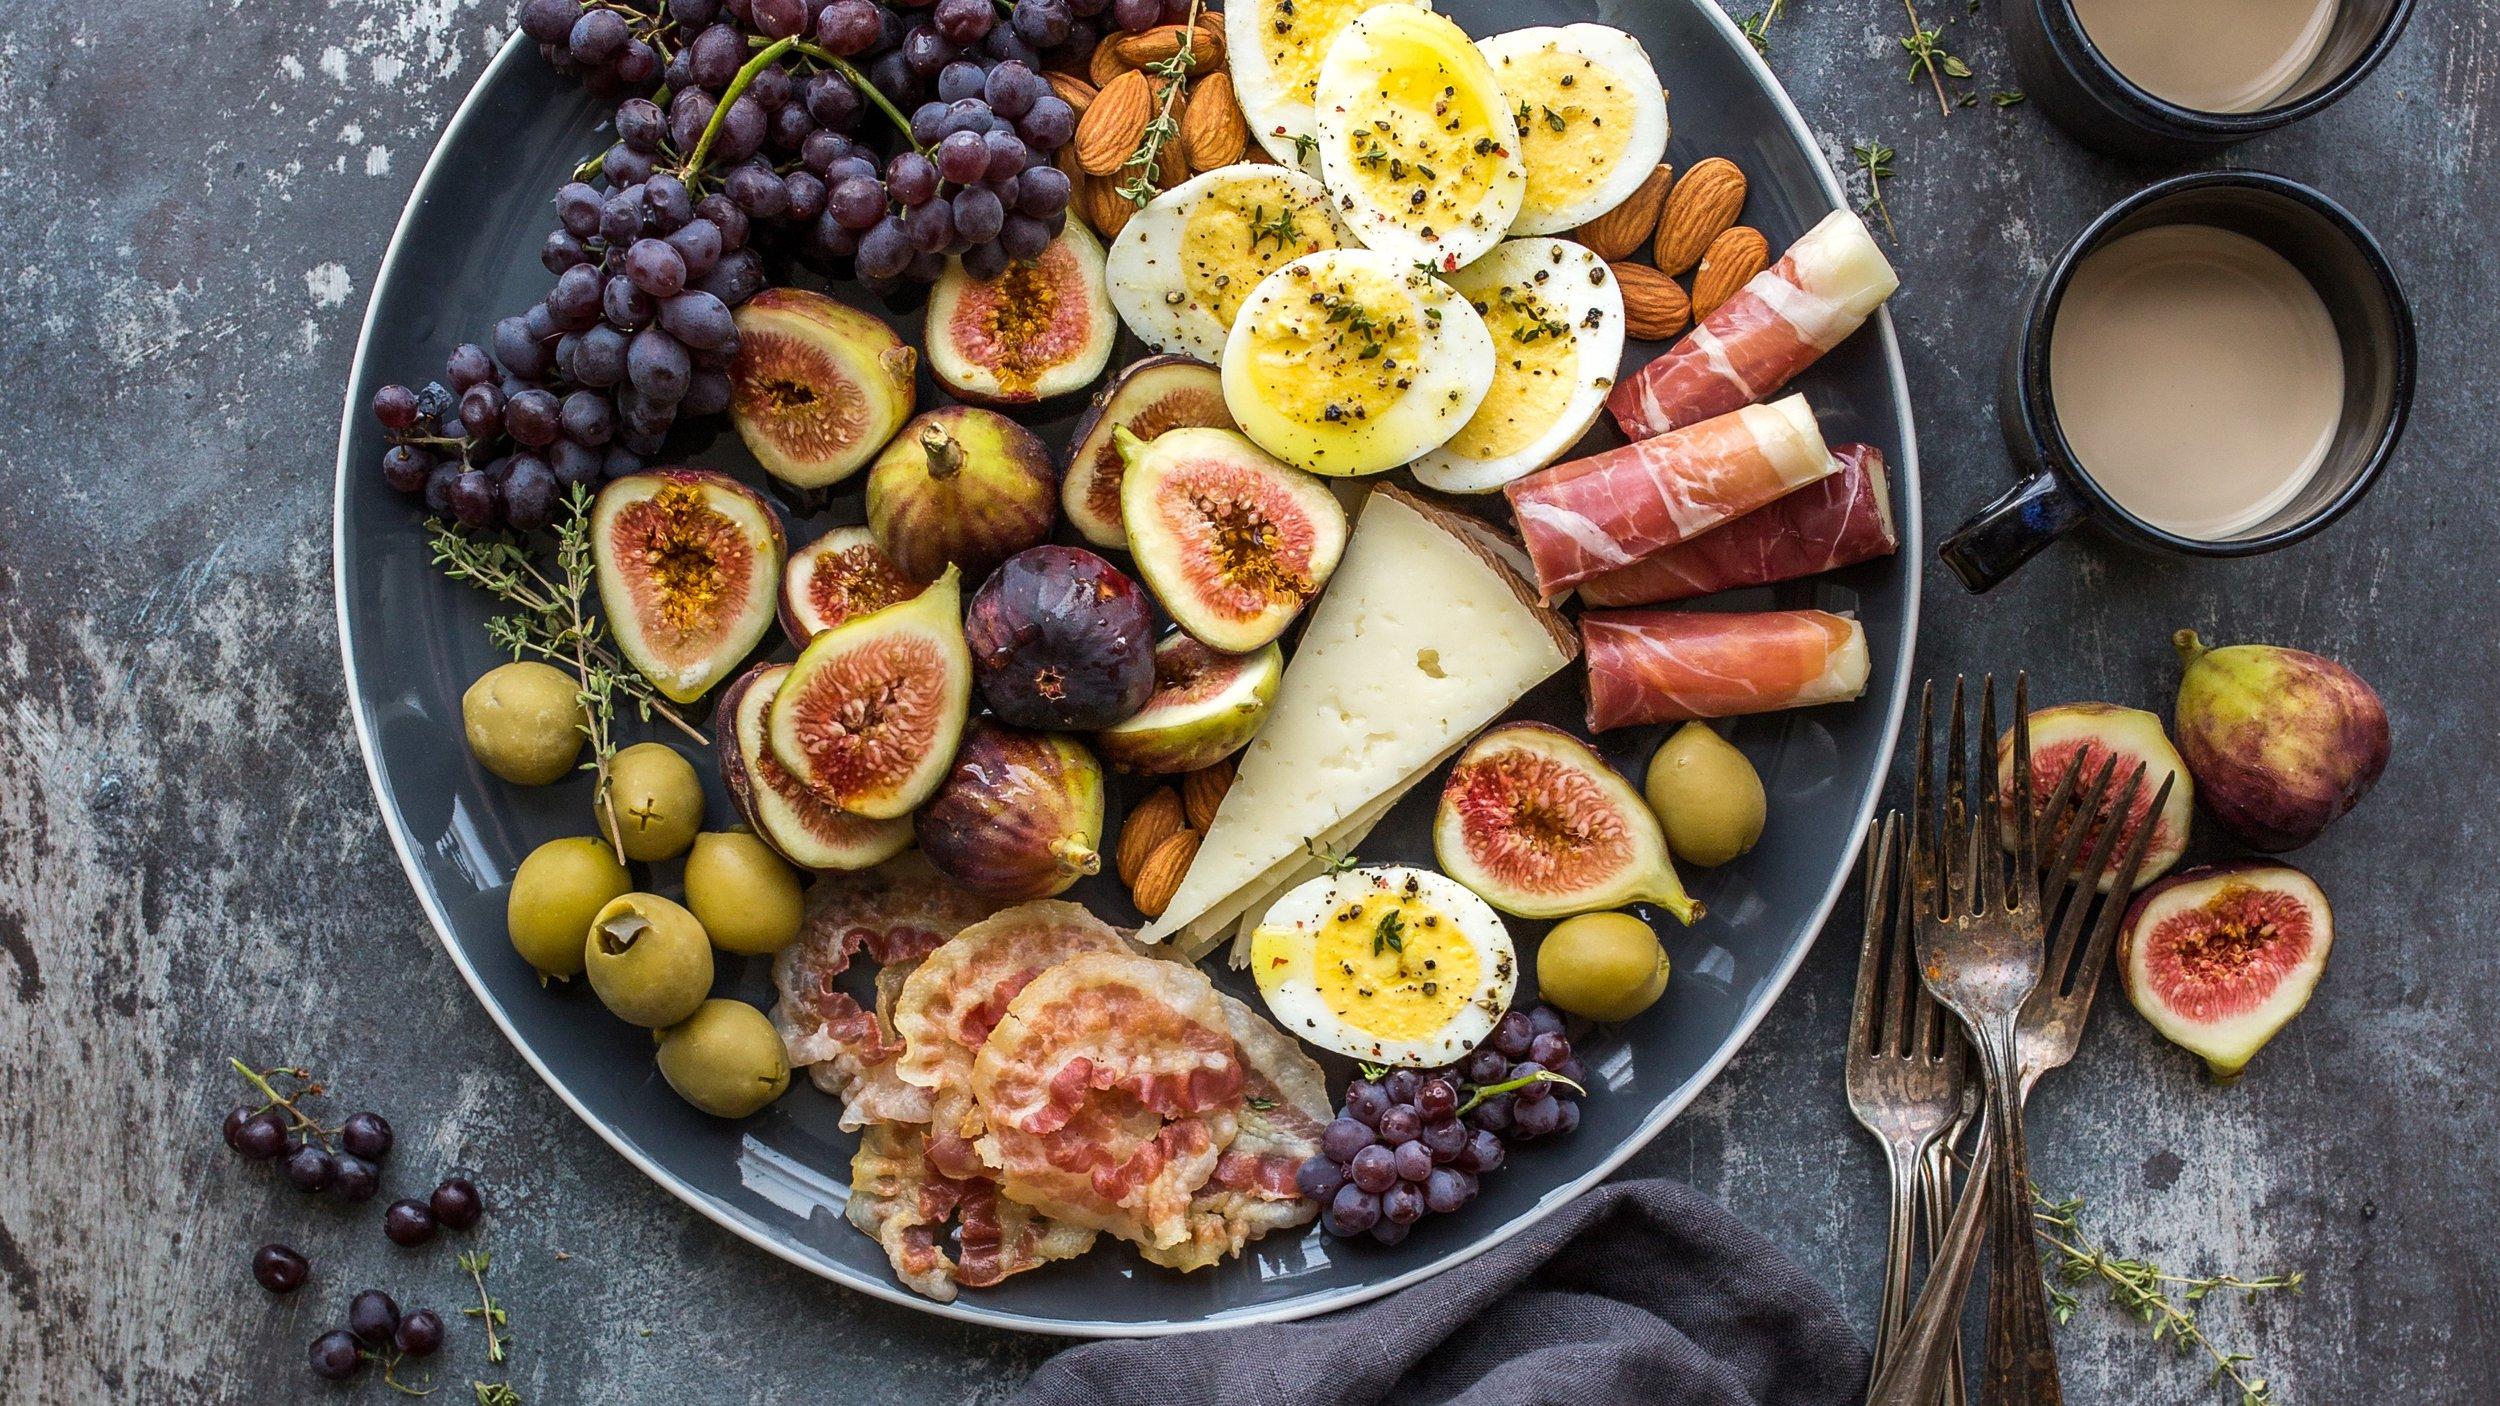 Kostvejledning -Træt af at være på slankekur